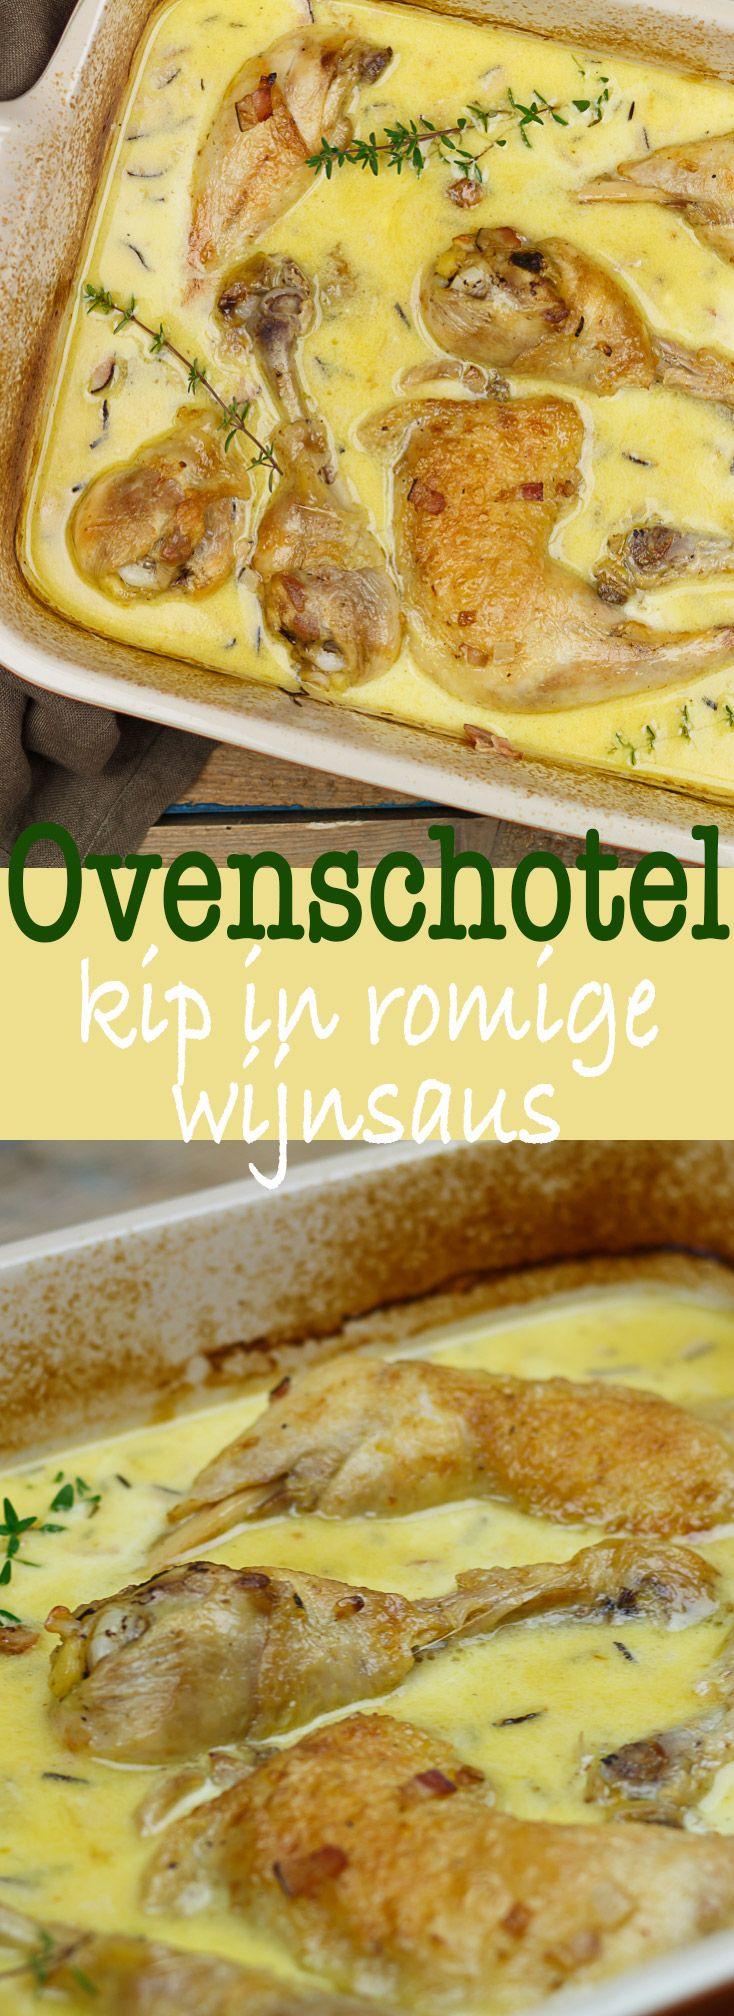 Kip in romige witte wijnsaus #oven #recipe #recept #kip #chicken